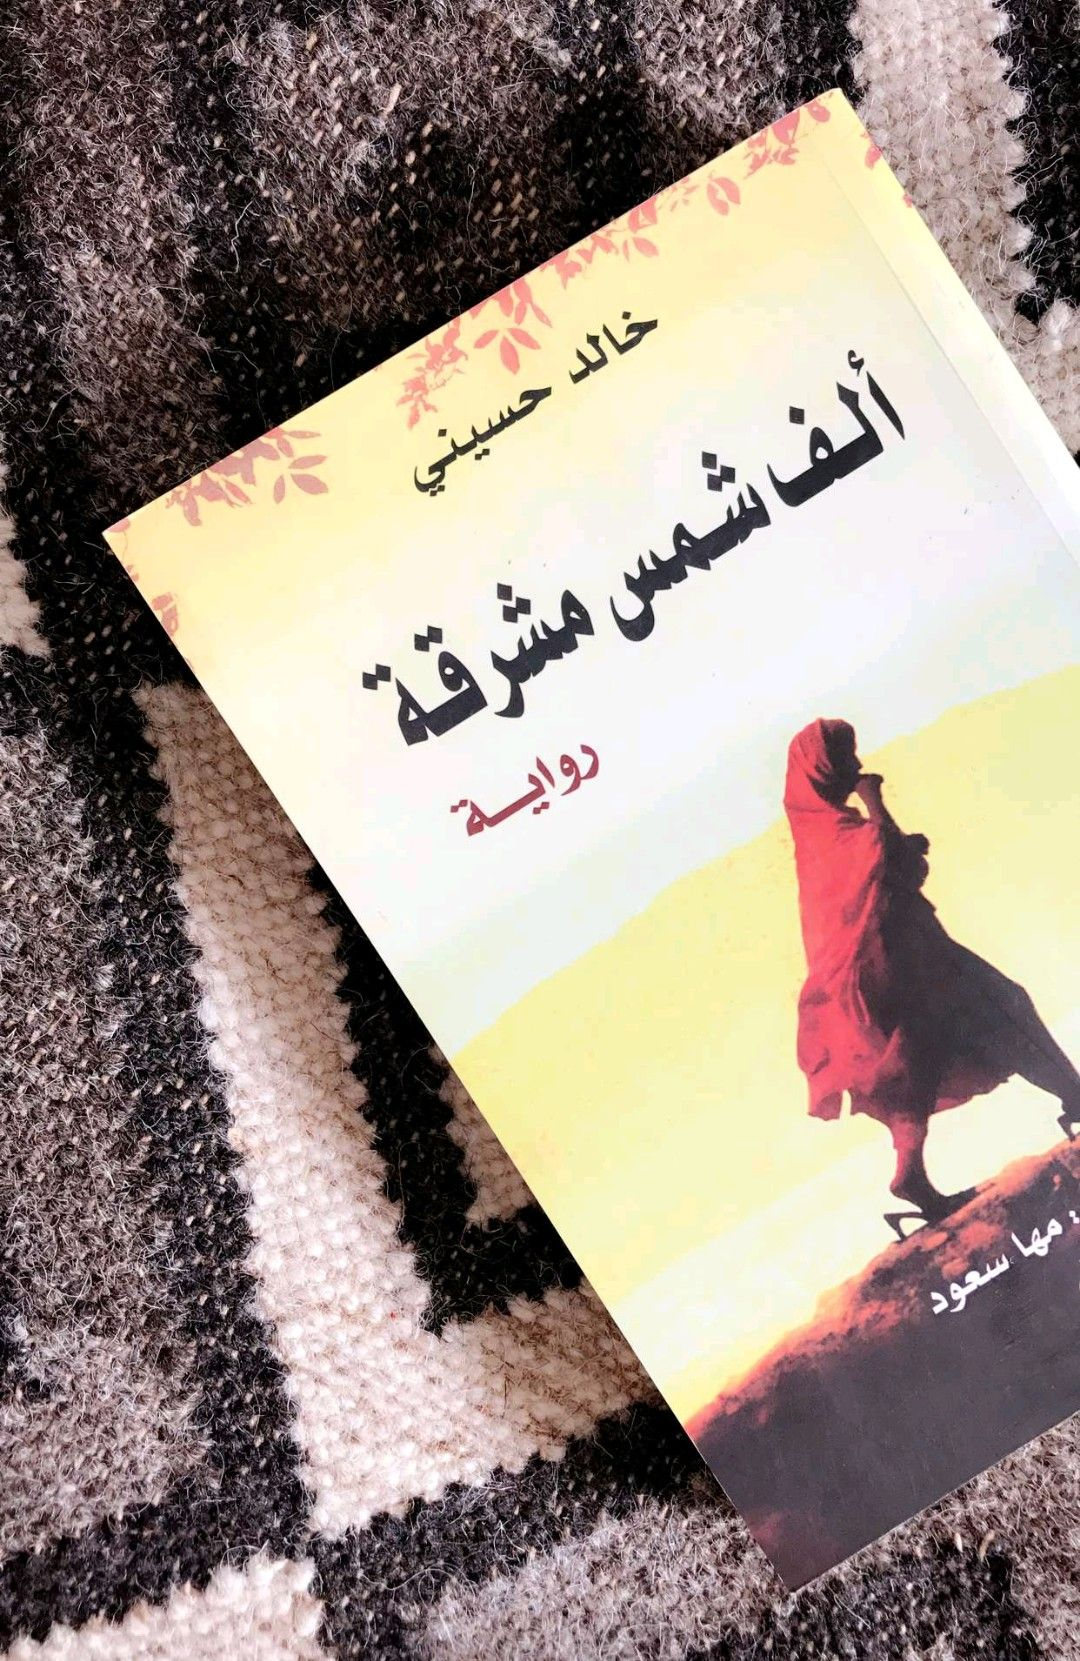 كتب عربية مترجمة كتاب م هدى إلى نساء أفغانستان يحمل قص تين